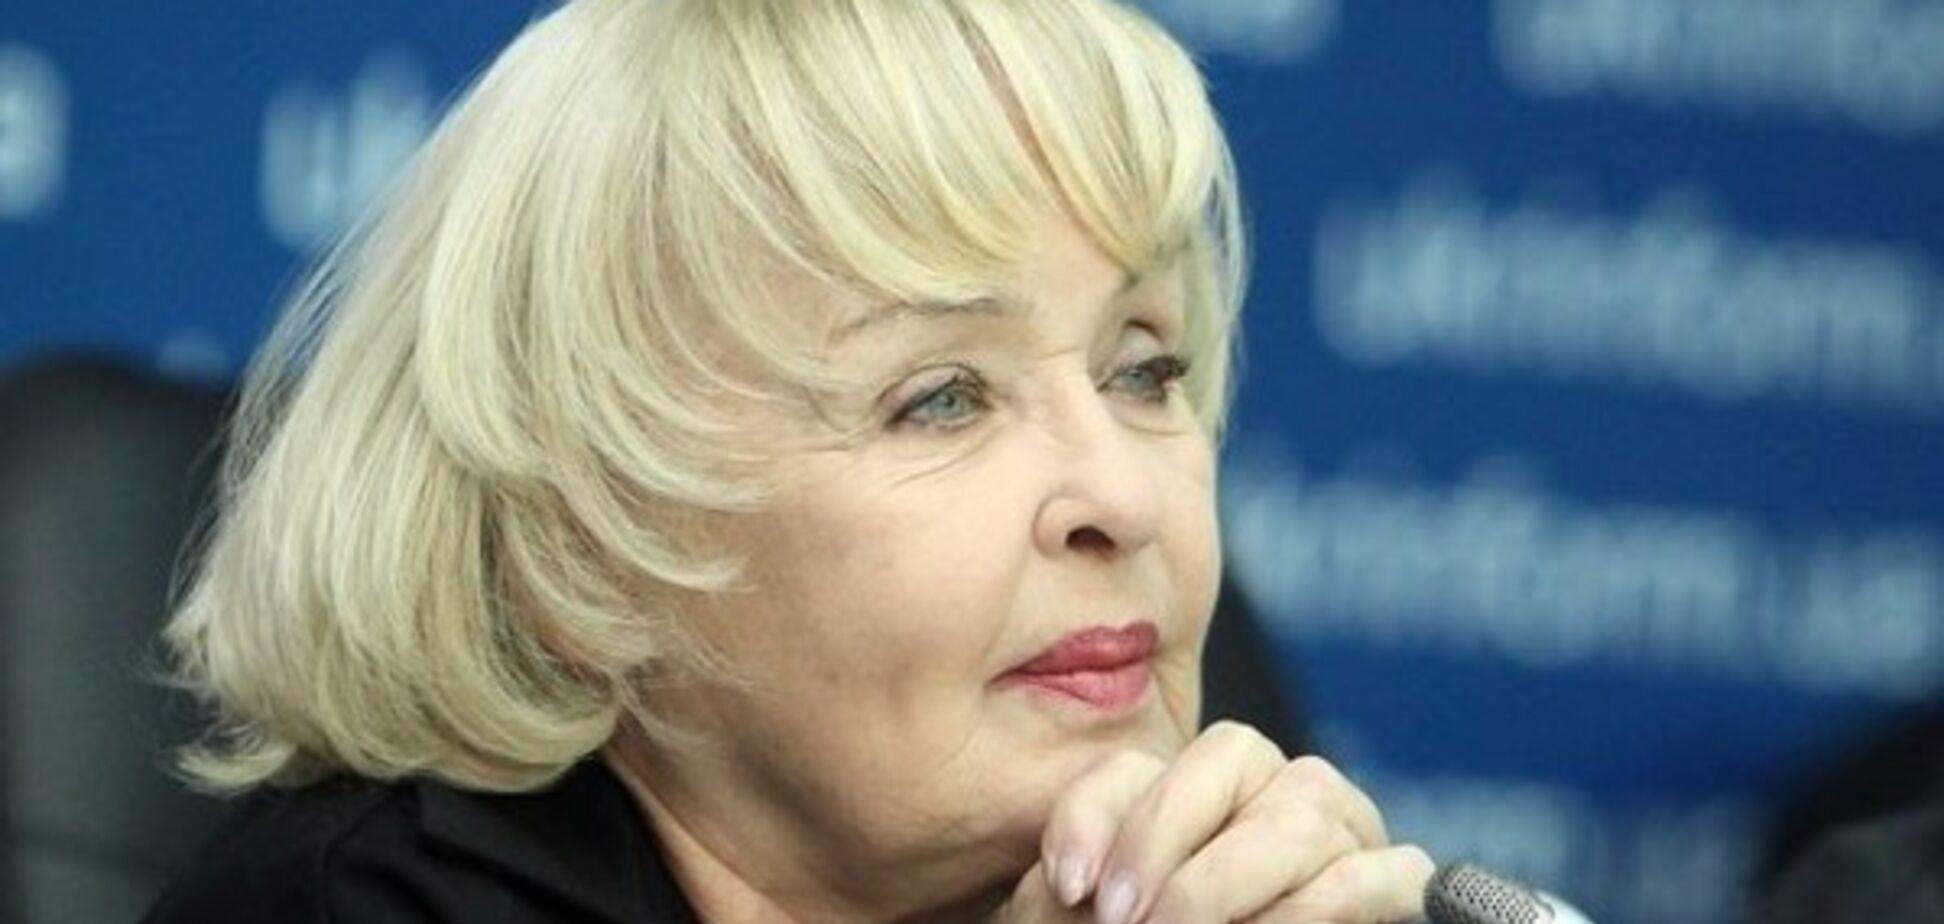 'Ел борщ и хлопнул рюмку': Ада Роговцева рассказала о встрече с Путиным